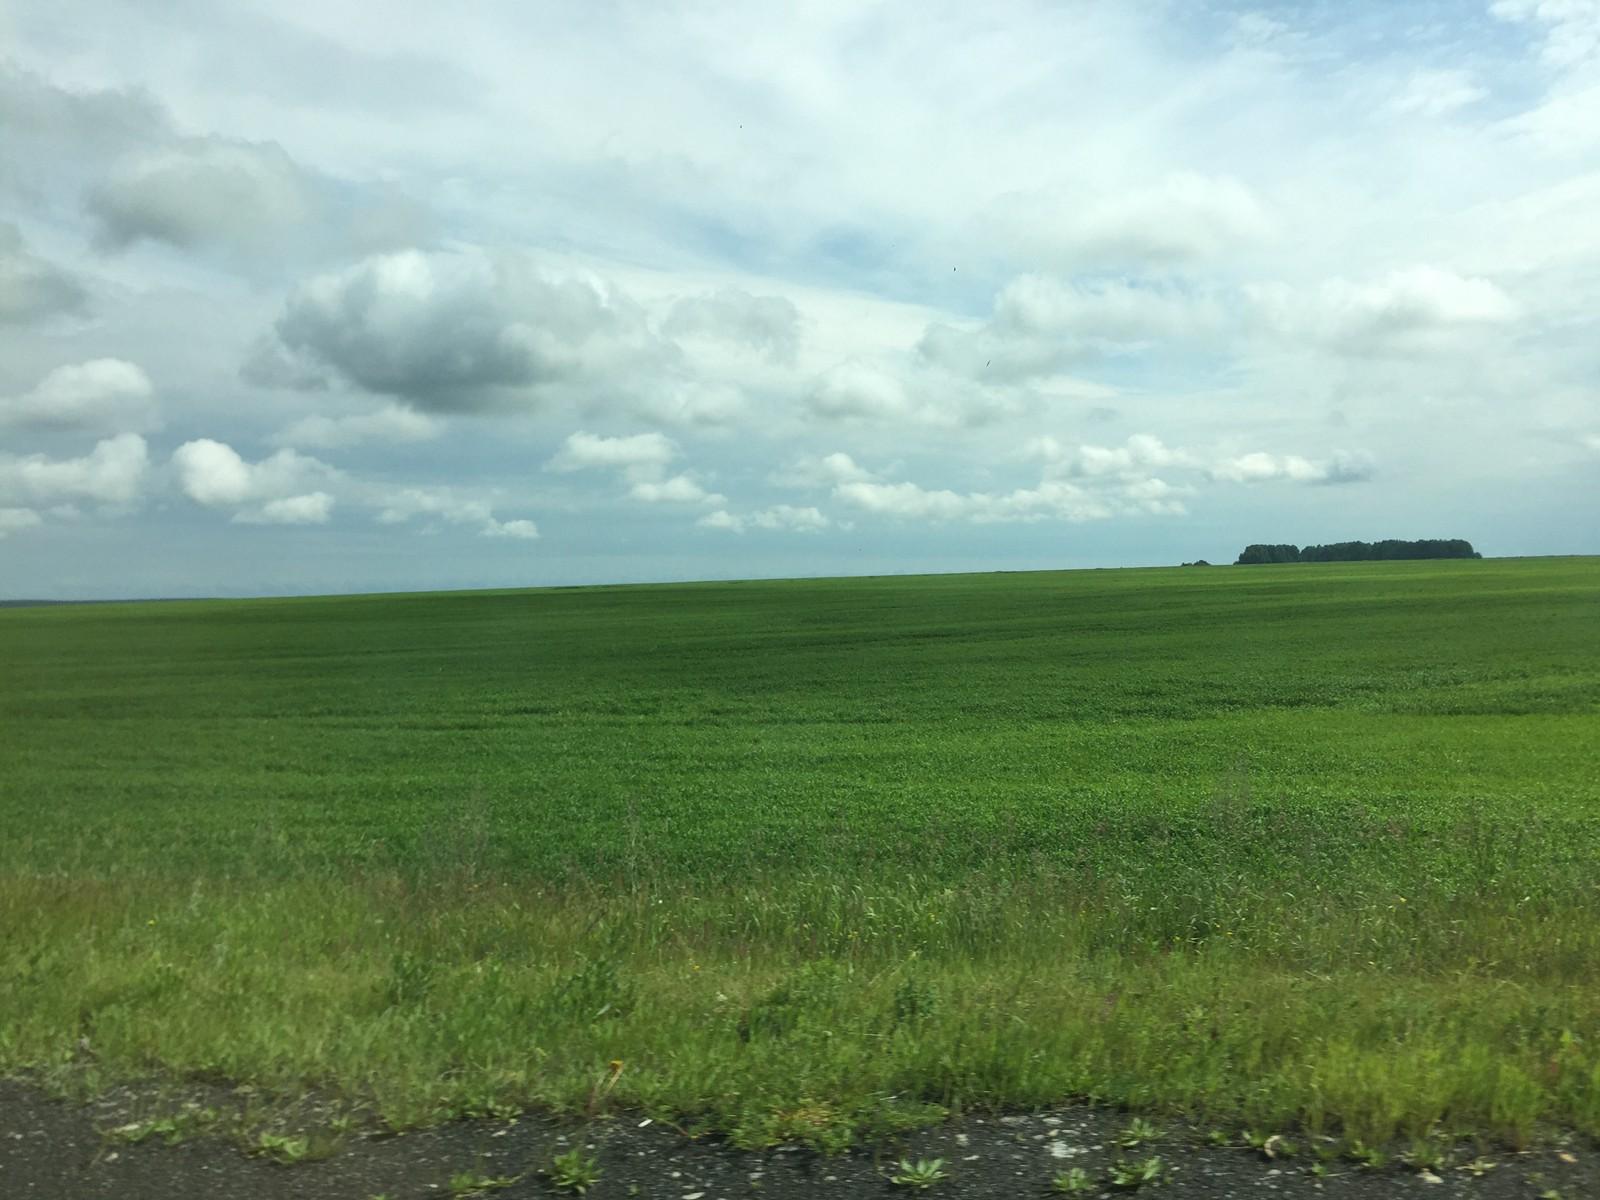 开车去阿拉帕耶夫斯克,路上经过一大片草原,俄罗斯的自然环境是极好的。这条路我在2018/2019年又走了两次,主要是去拜访当时我在工地认识的几个俄罗斯朋友